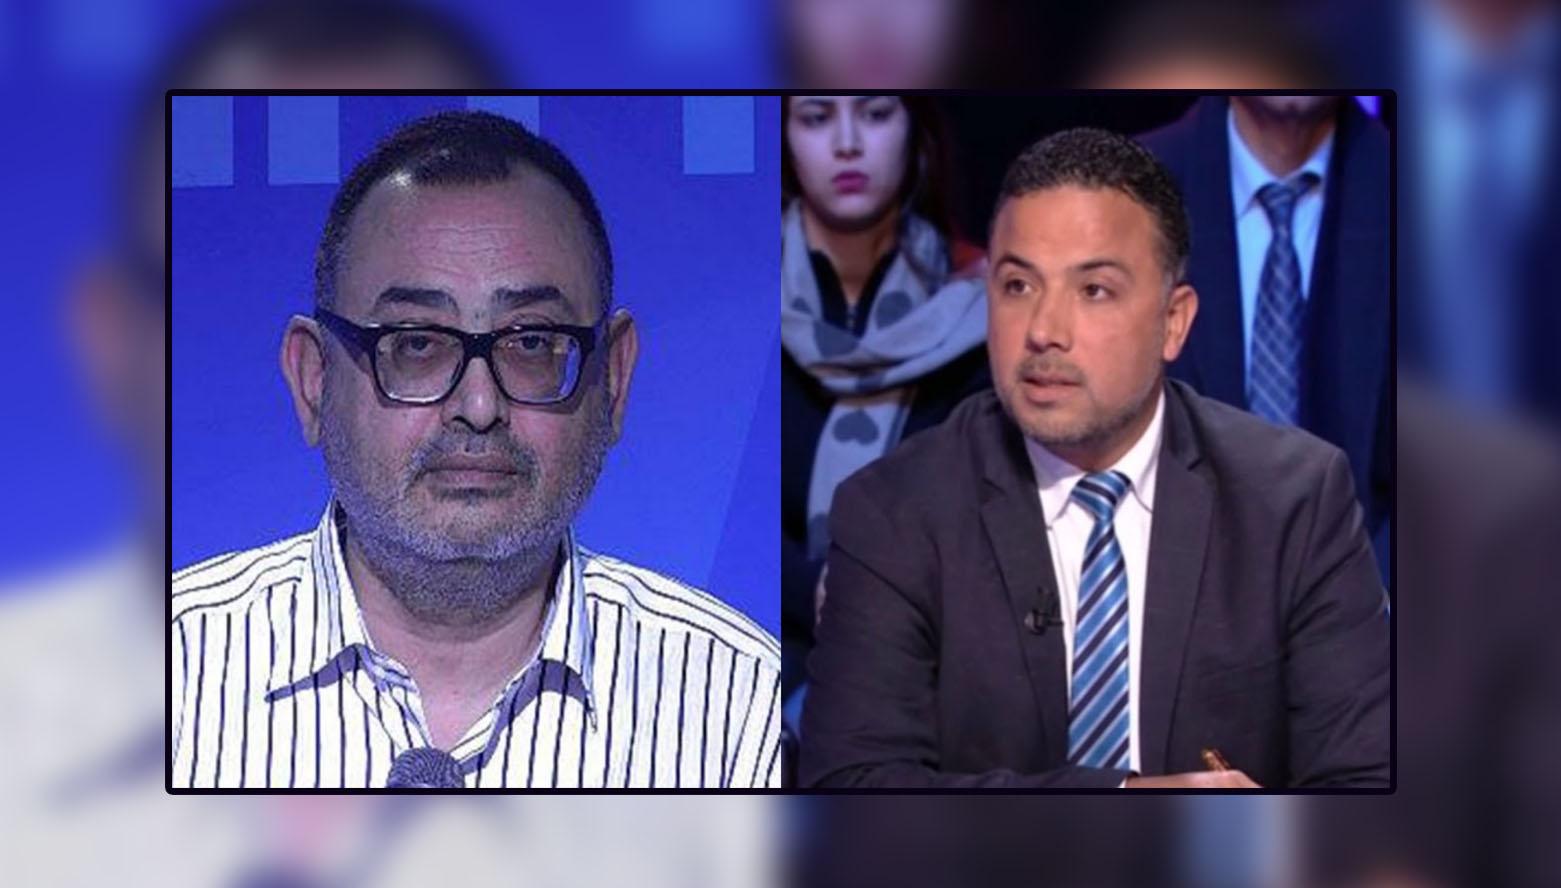 سيف الدين مخلوف سفيان بن حميدة